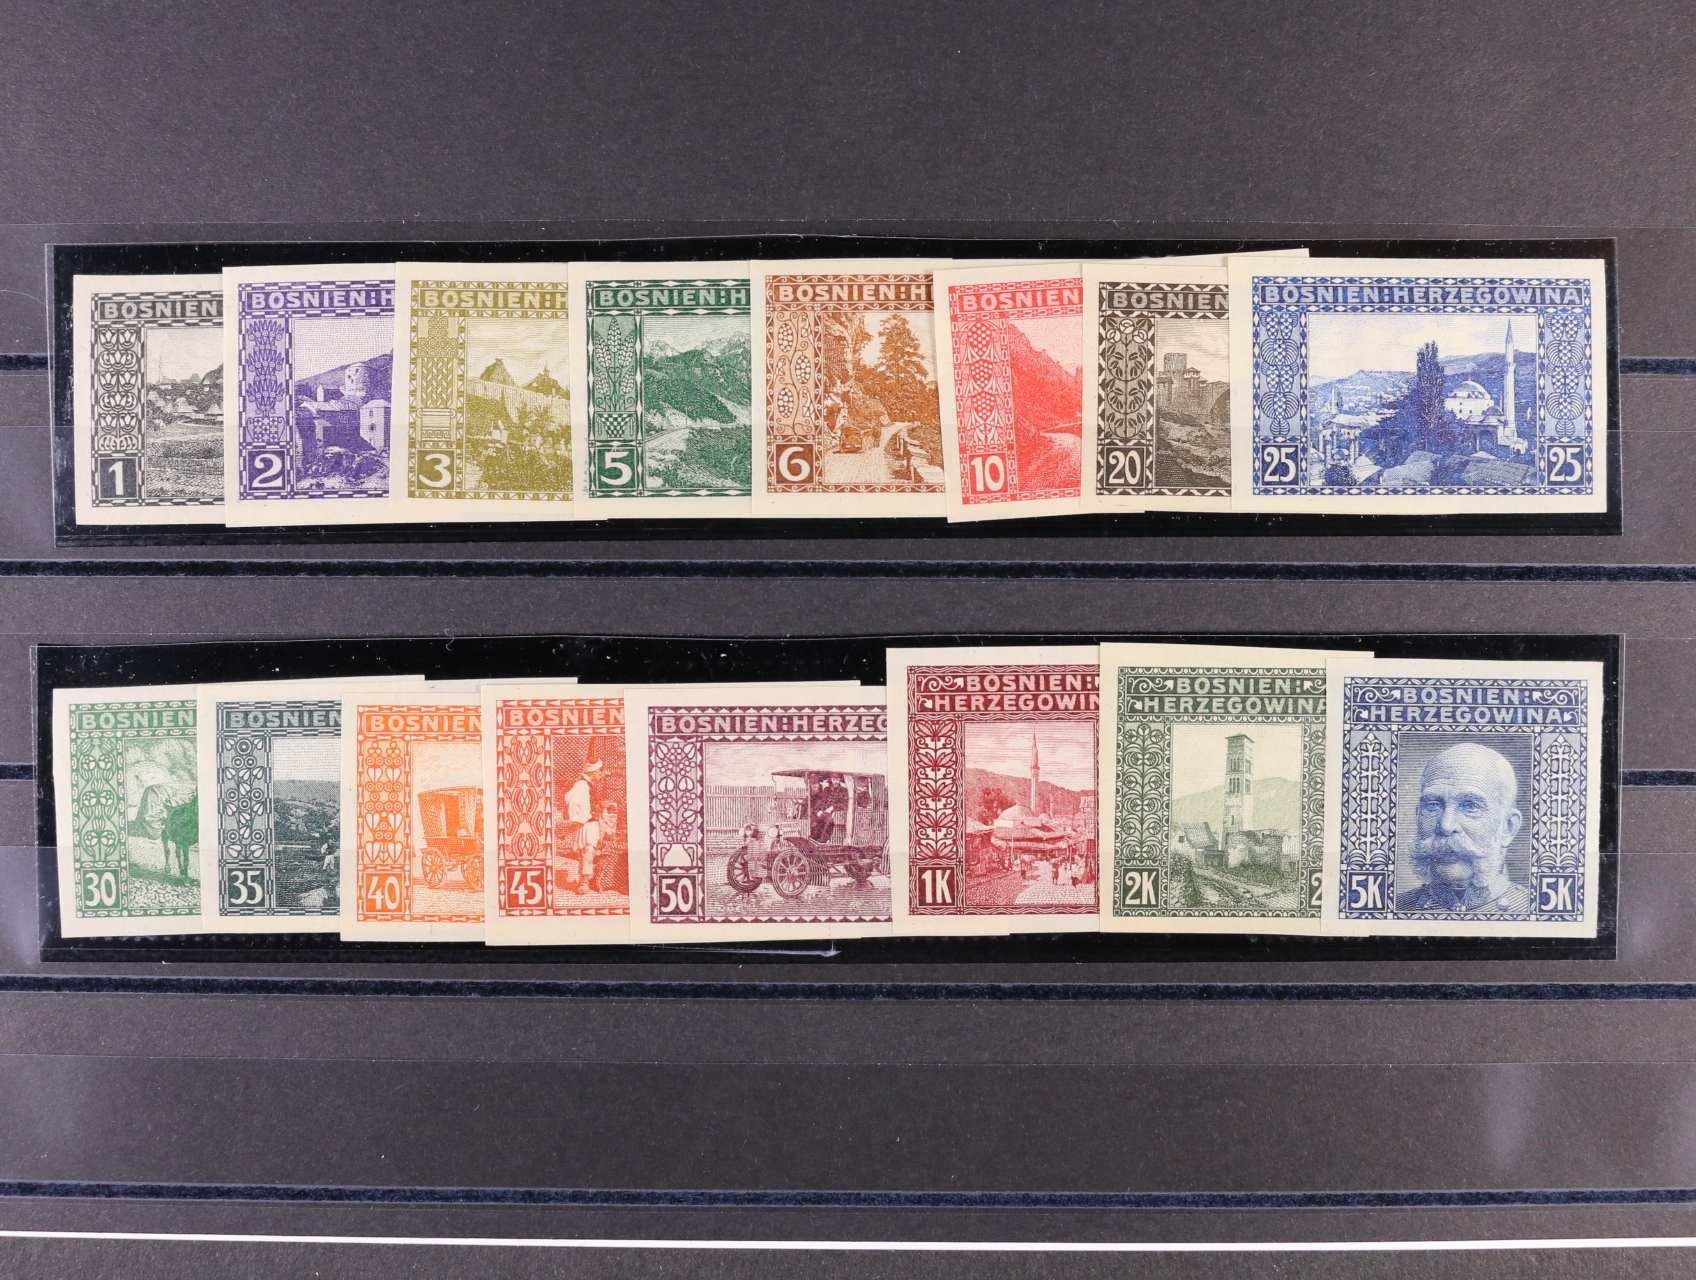 emise 1906 - kompl. svěží nezoubkovaná série, slušné střihy, 300 EUR